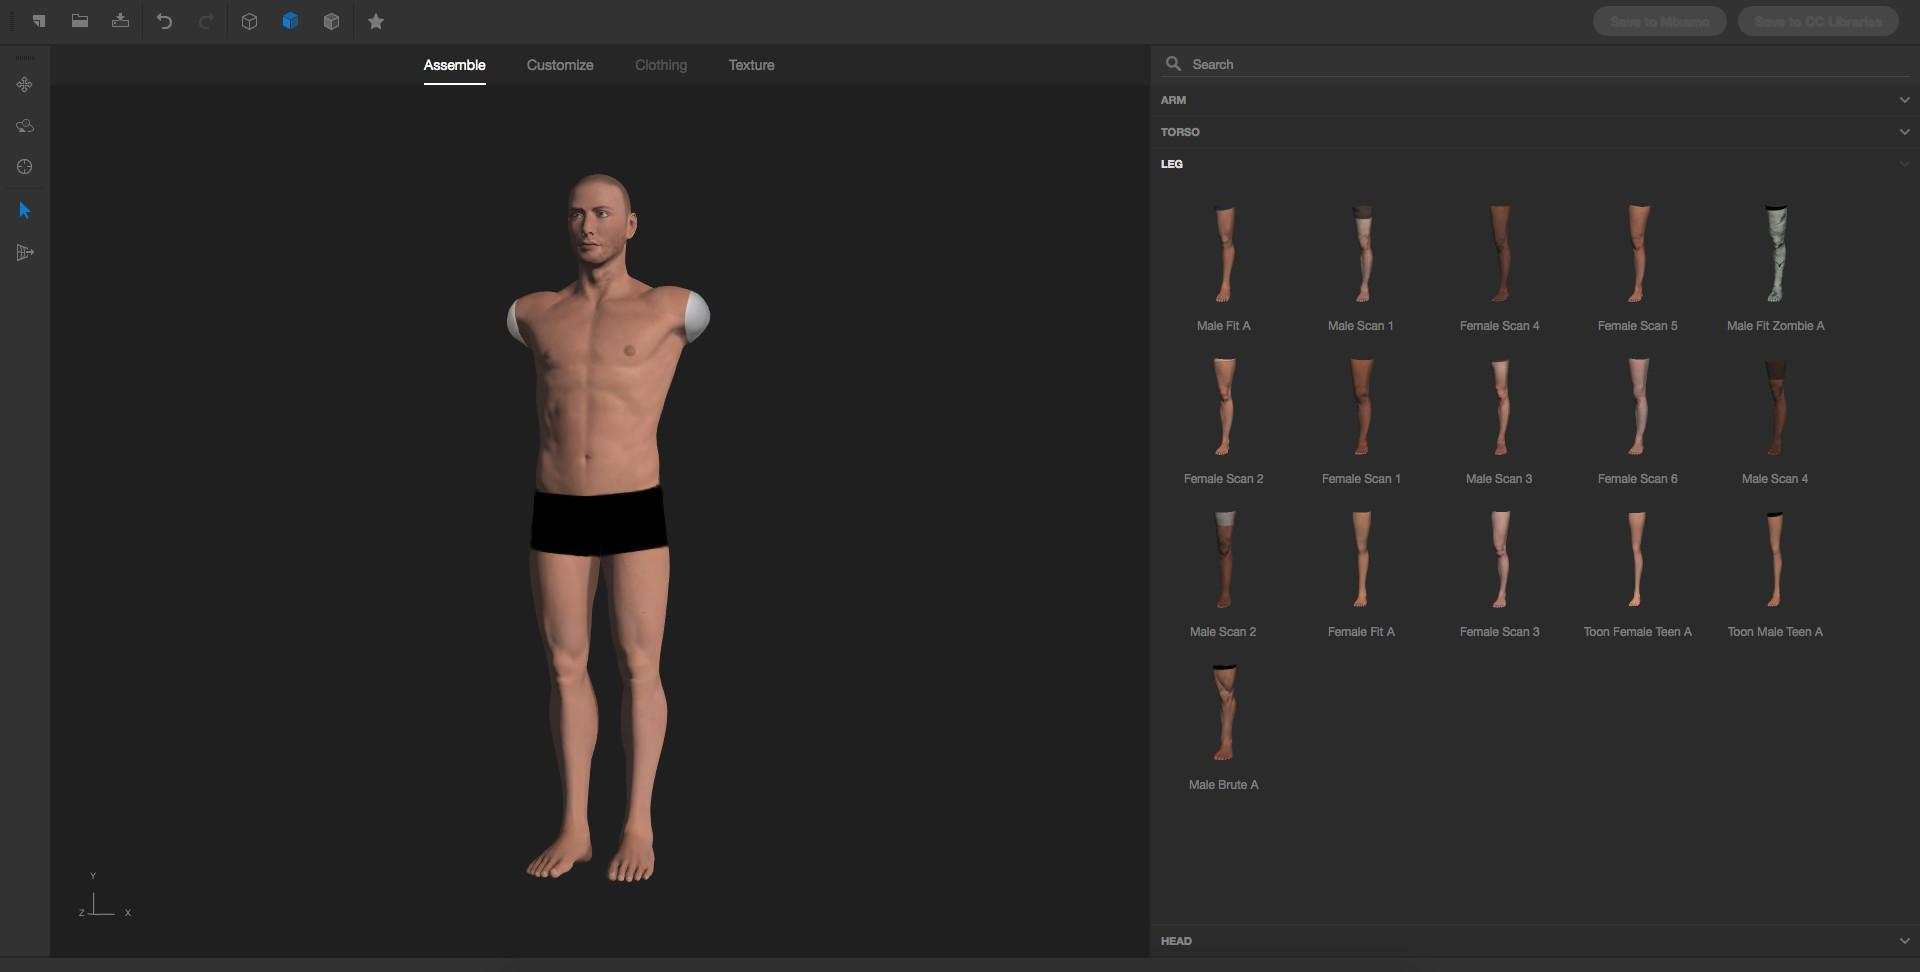 3D моделирование и анимация: руководство для начинающих - 6